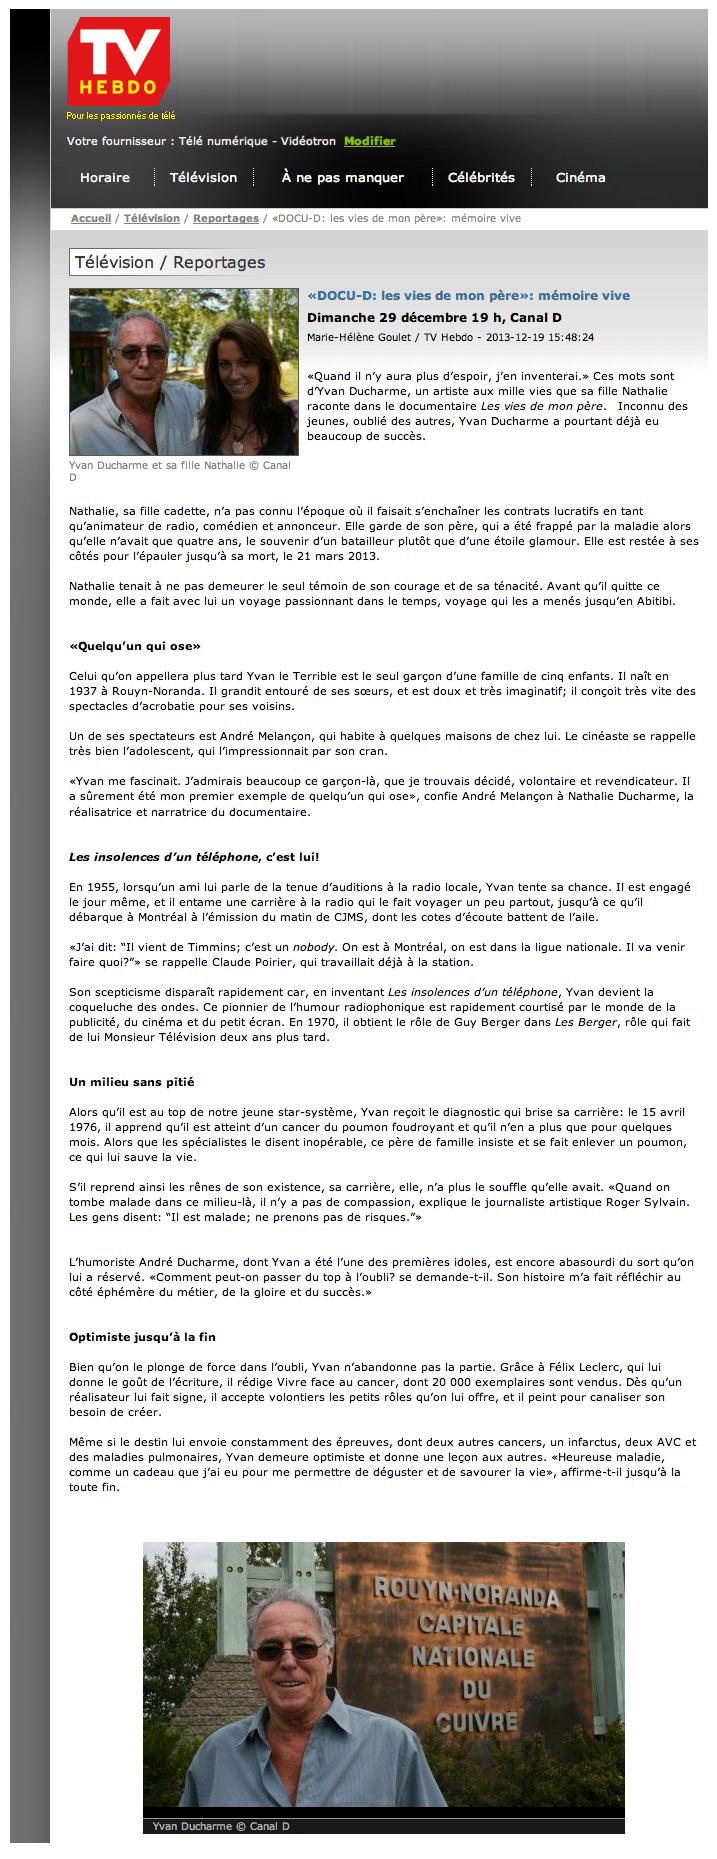 Nathalie_Ducharme-nathalie-ducharme-Réalisatrice-Québécoise-Scénariste-Productrice-réalisateur-québec-canadian_director-filmmaker-cinéaste-documentary-documentaire-film-fiction-award-winner-yvan-ducharme-culture-choc-shock-qui_fait_quoi-qfq-article_de_presse-média-insolences-téléphone-cjms-abitibi-rouyn-noranda-témiscamingue-festival-international-film-ficat-documentaire-artiste-québécois-icone-canal-d-bell-médias-canald